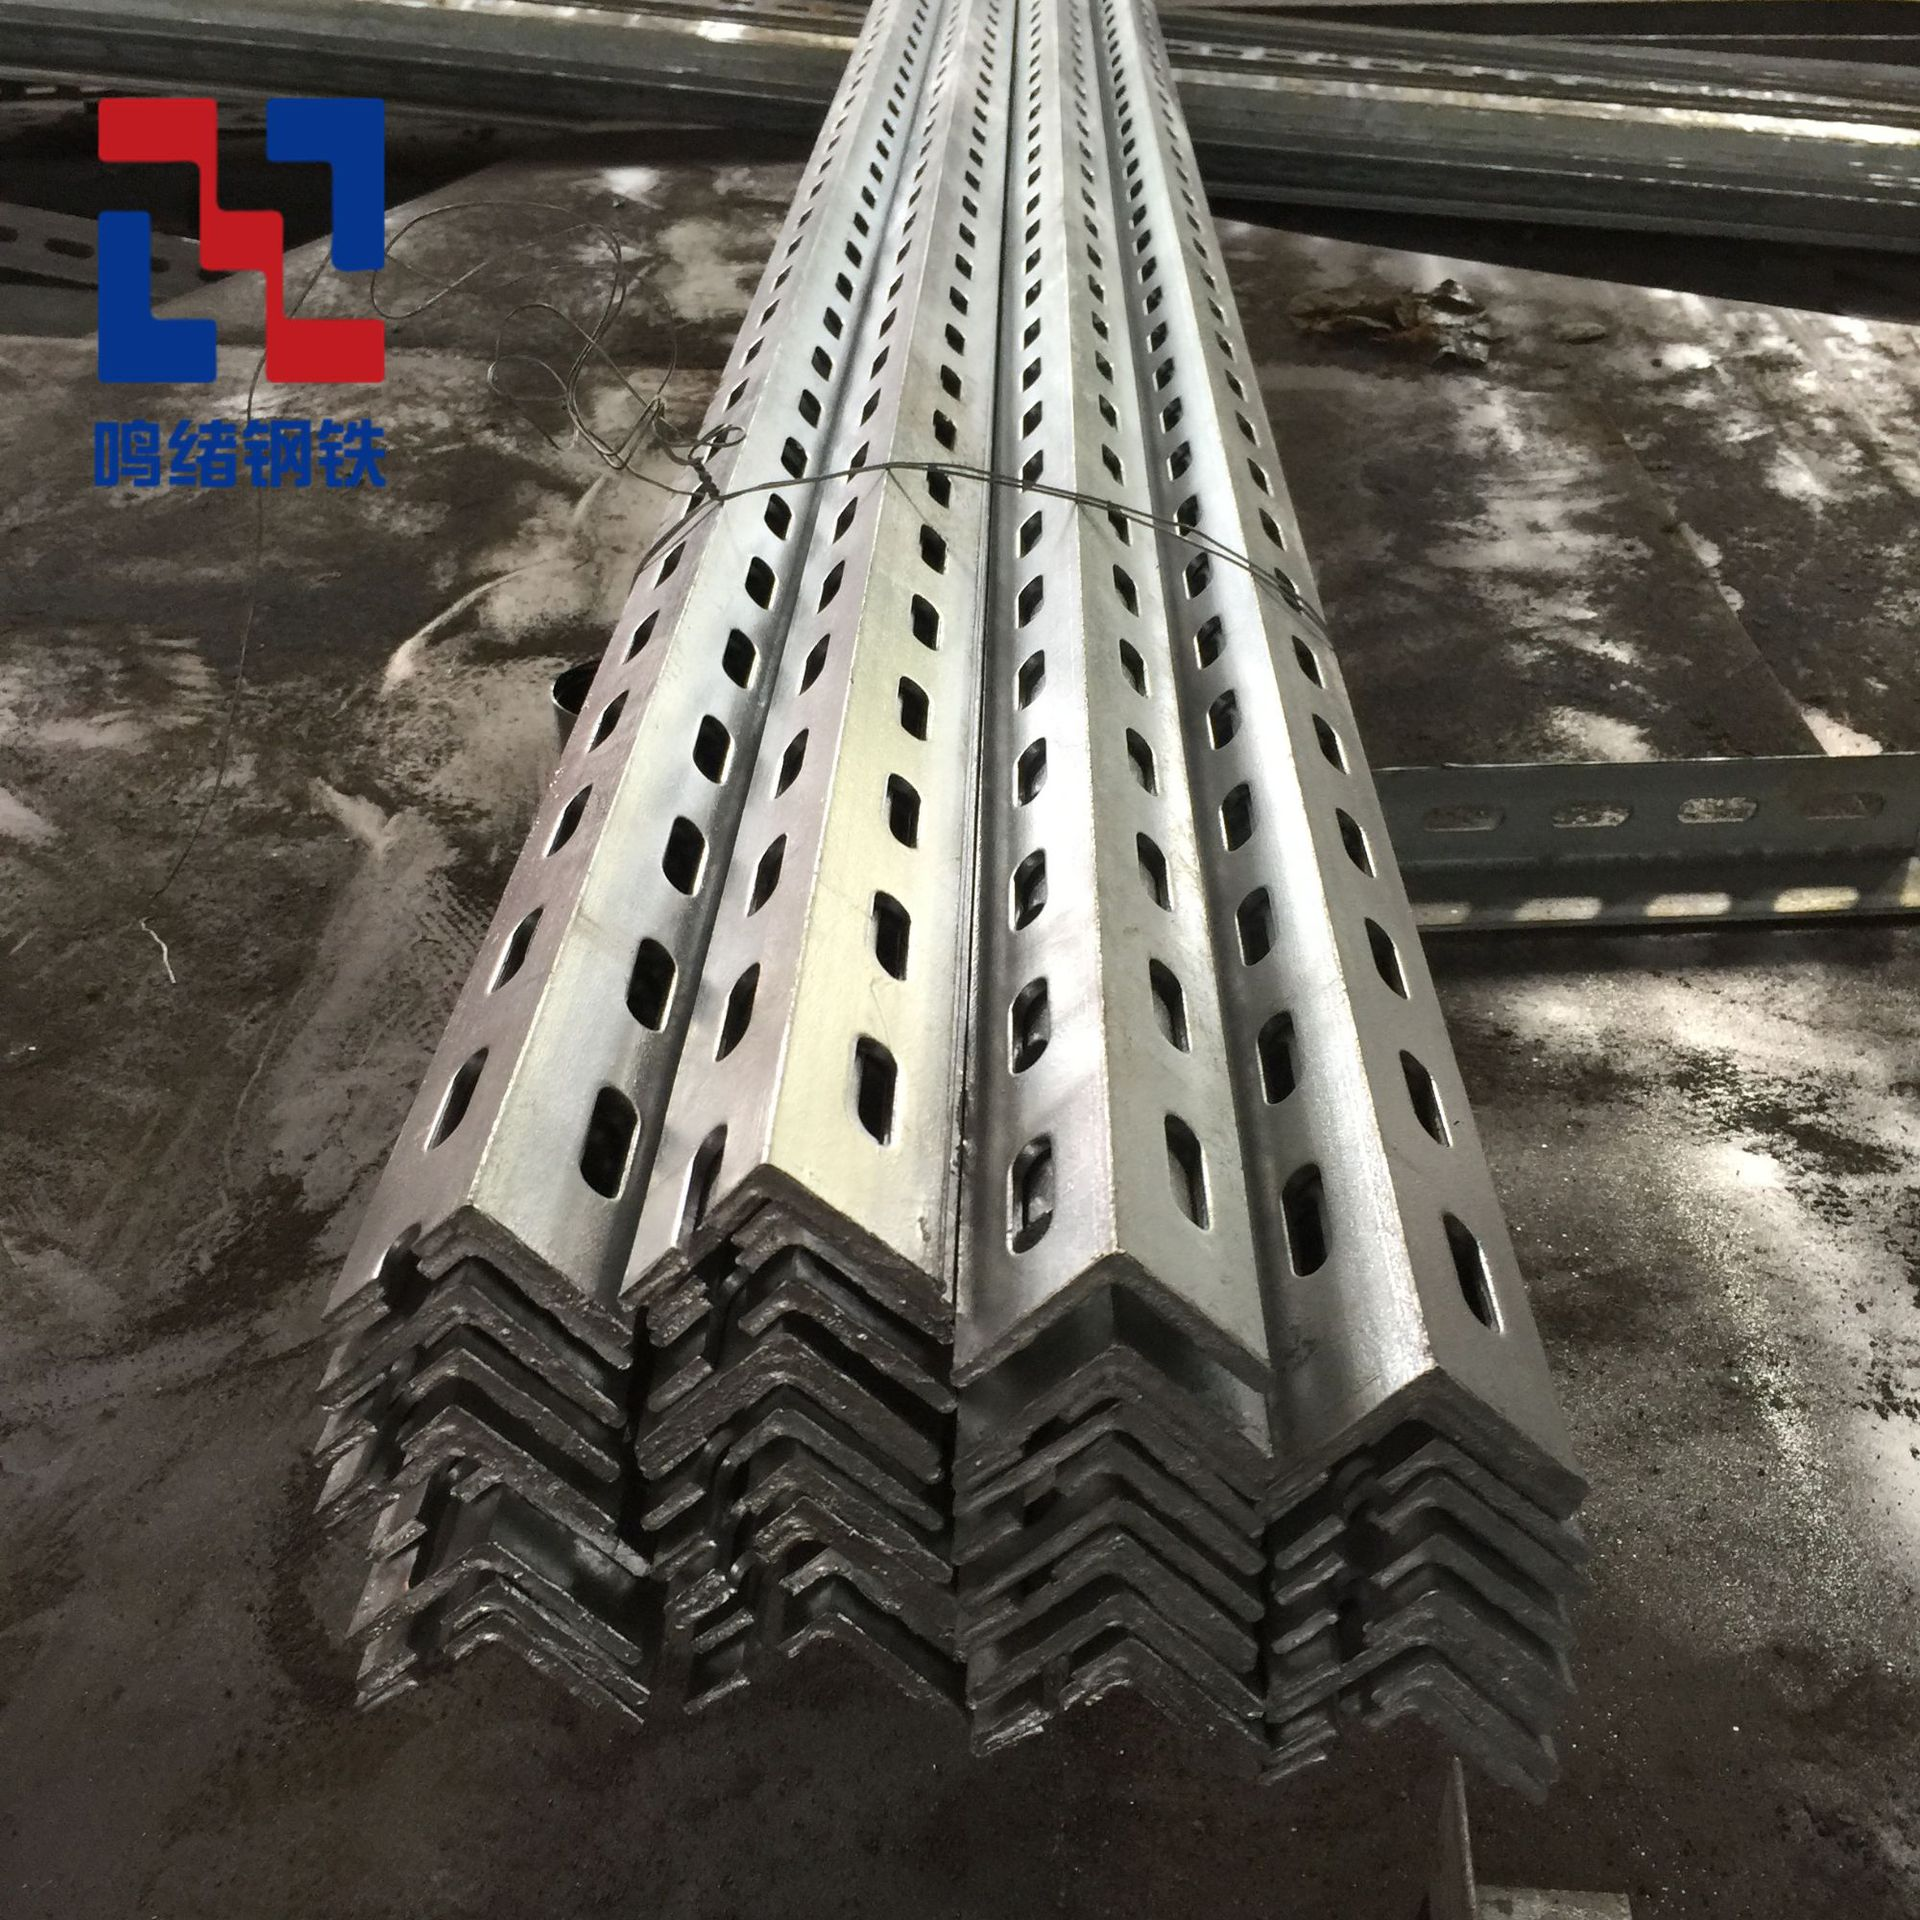 Sản xuất góc thép nhúng nóng mạ kẽm hoa góc thép tam giác nhiệt nhà máy điện cầu ống điều hòa không